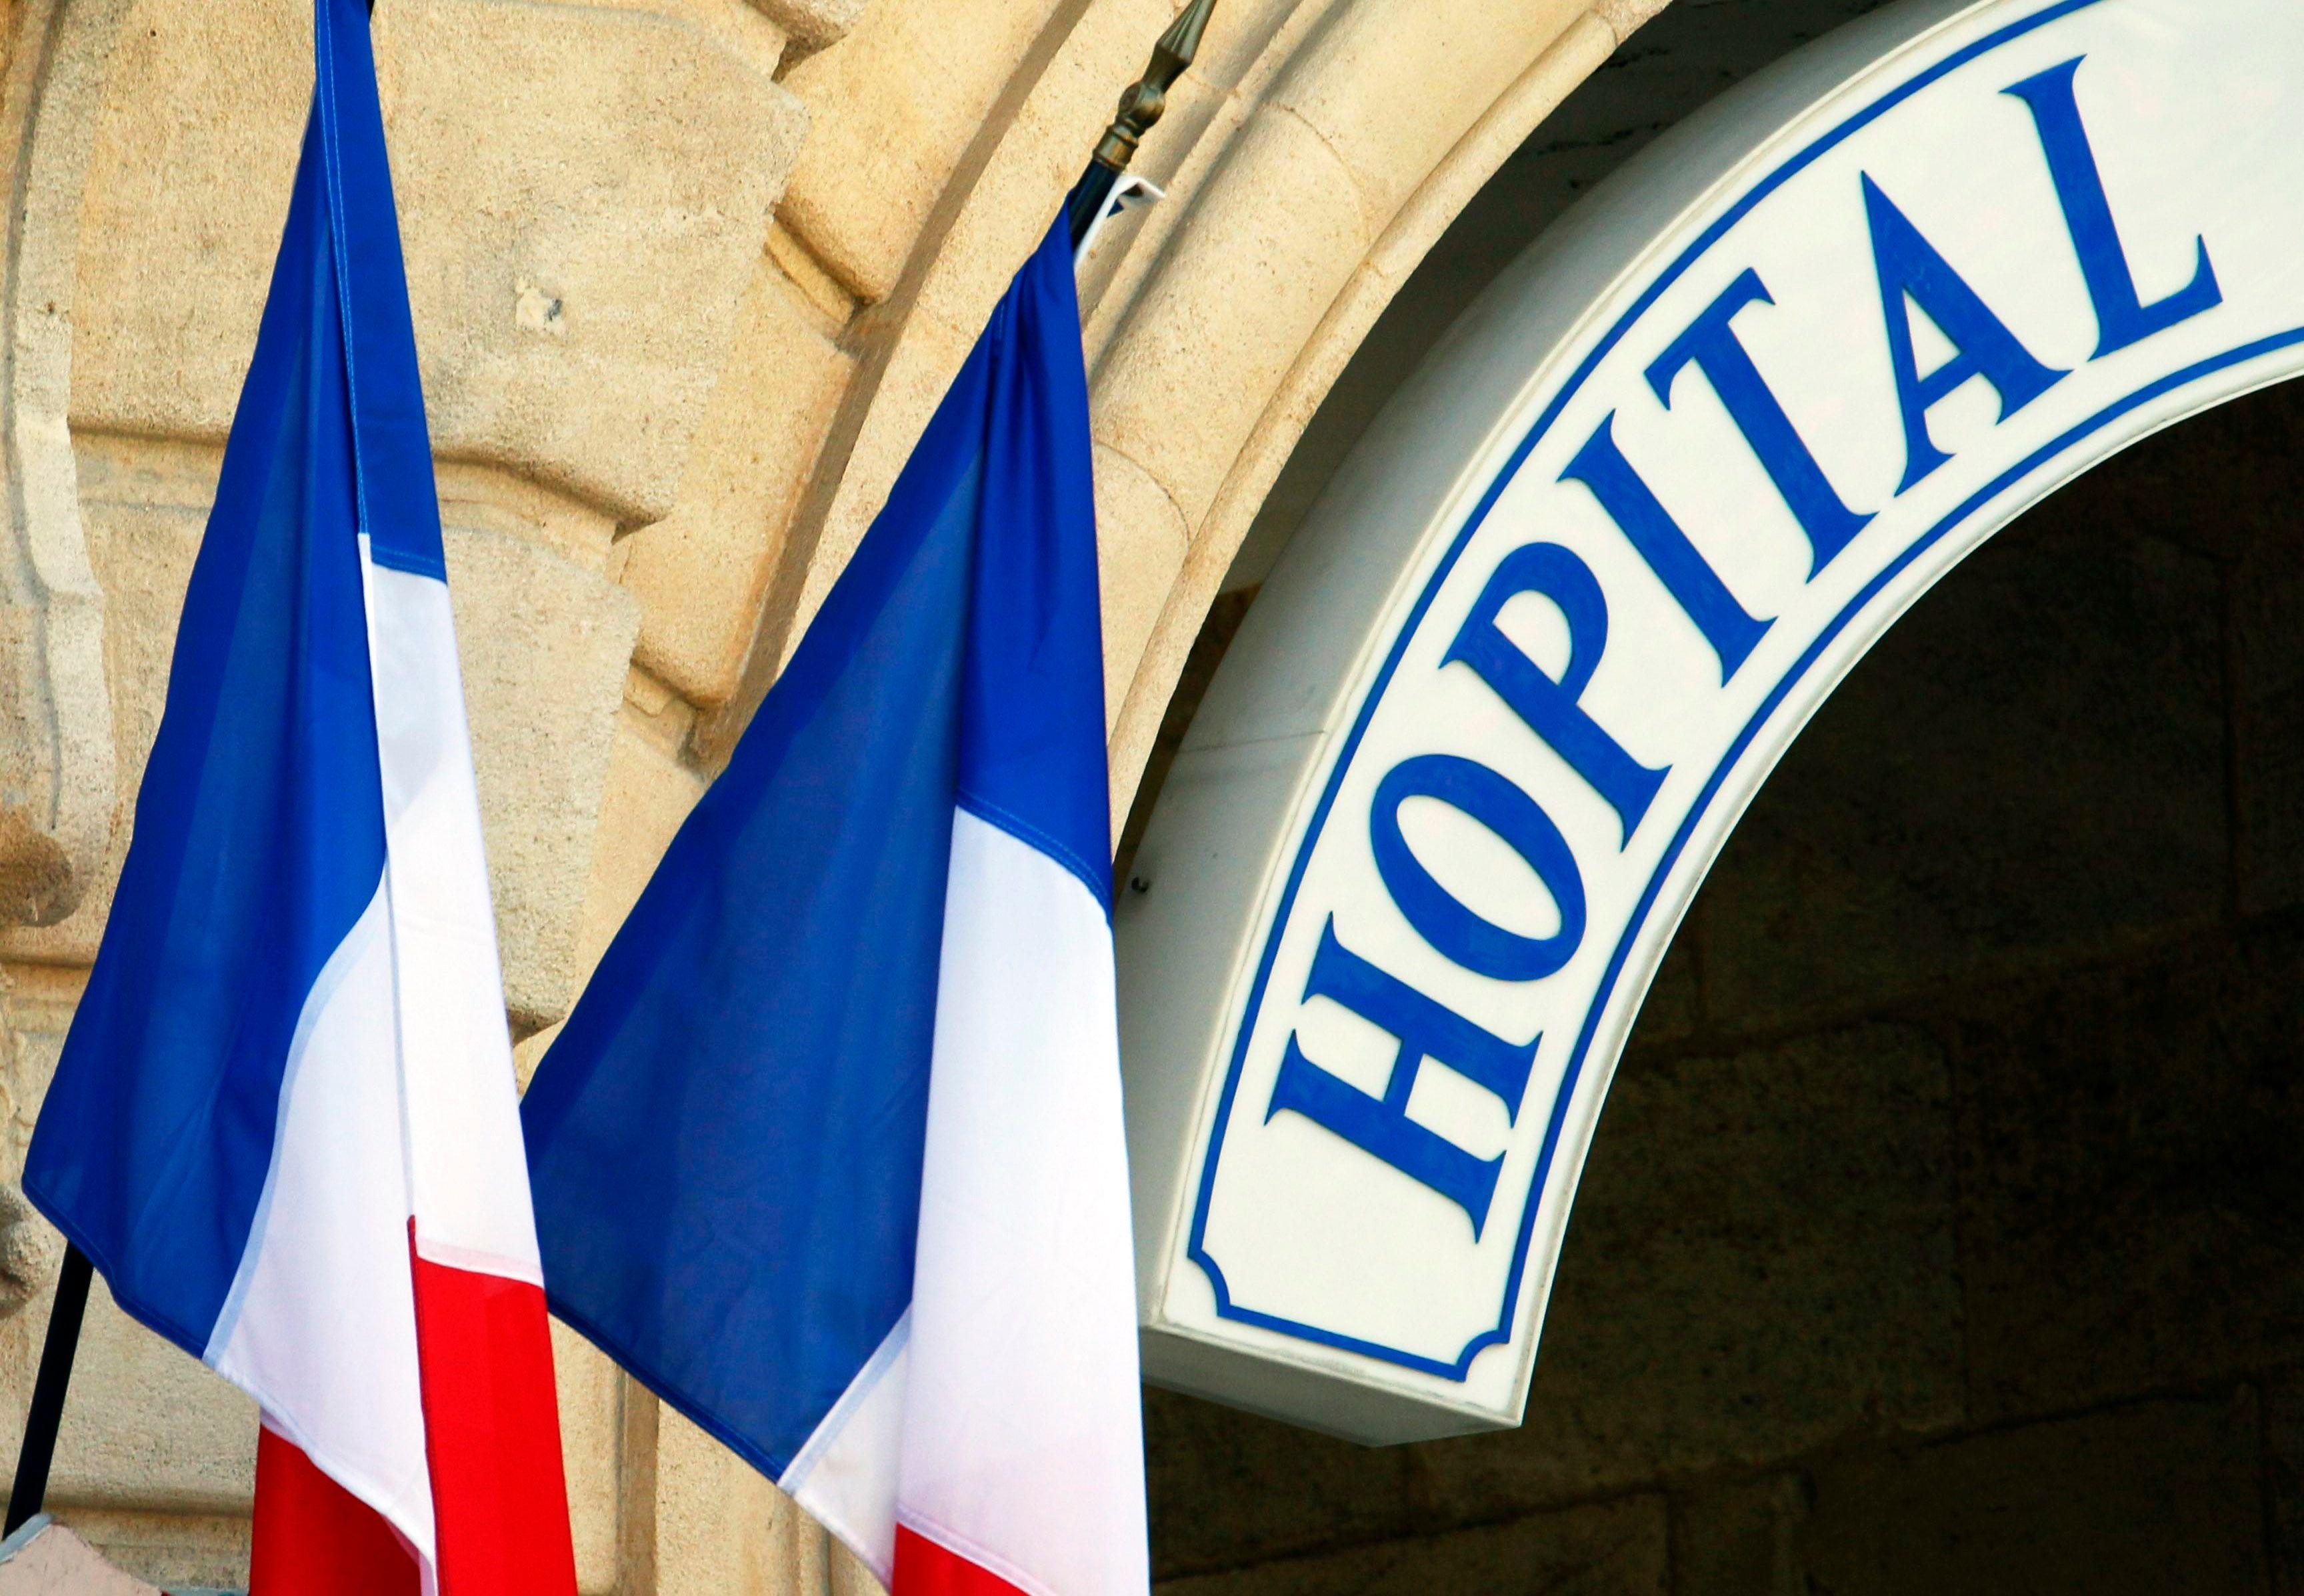 Un enfant de 10 ans résidant dans un quartier sensible d'Épinay-sur-Seine, dans le 93, est décédé alors qui ne le Samu ni le taxi ne voulaient le prendre en charge. Read more at http://www.atlantico.fr/decryptage/mort-sans-secours-epinay-seine-bienvenue-d